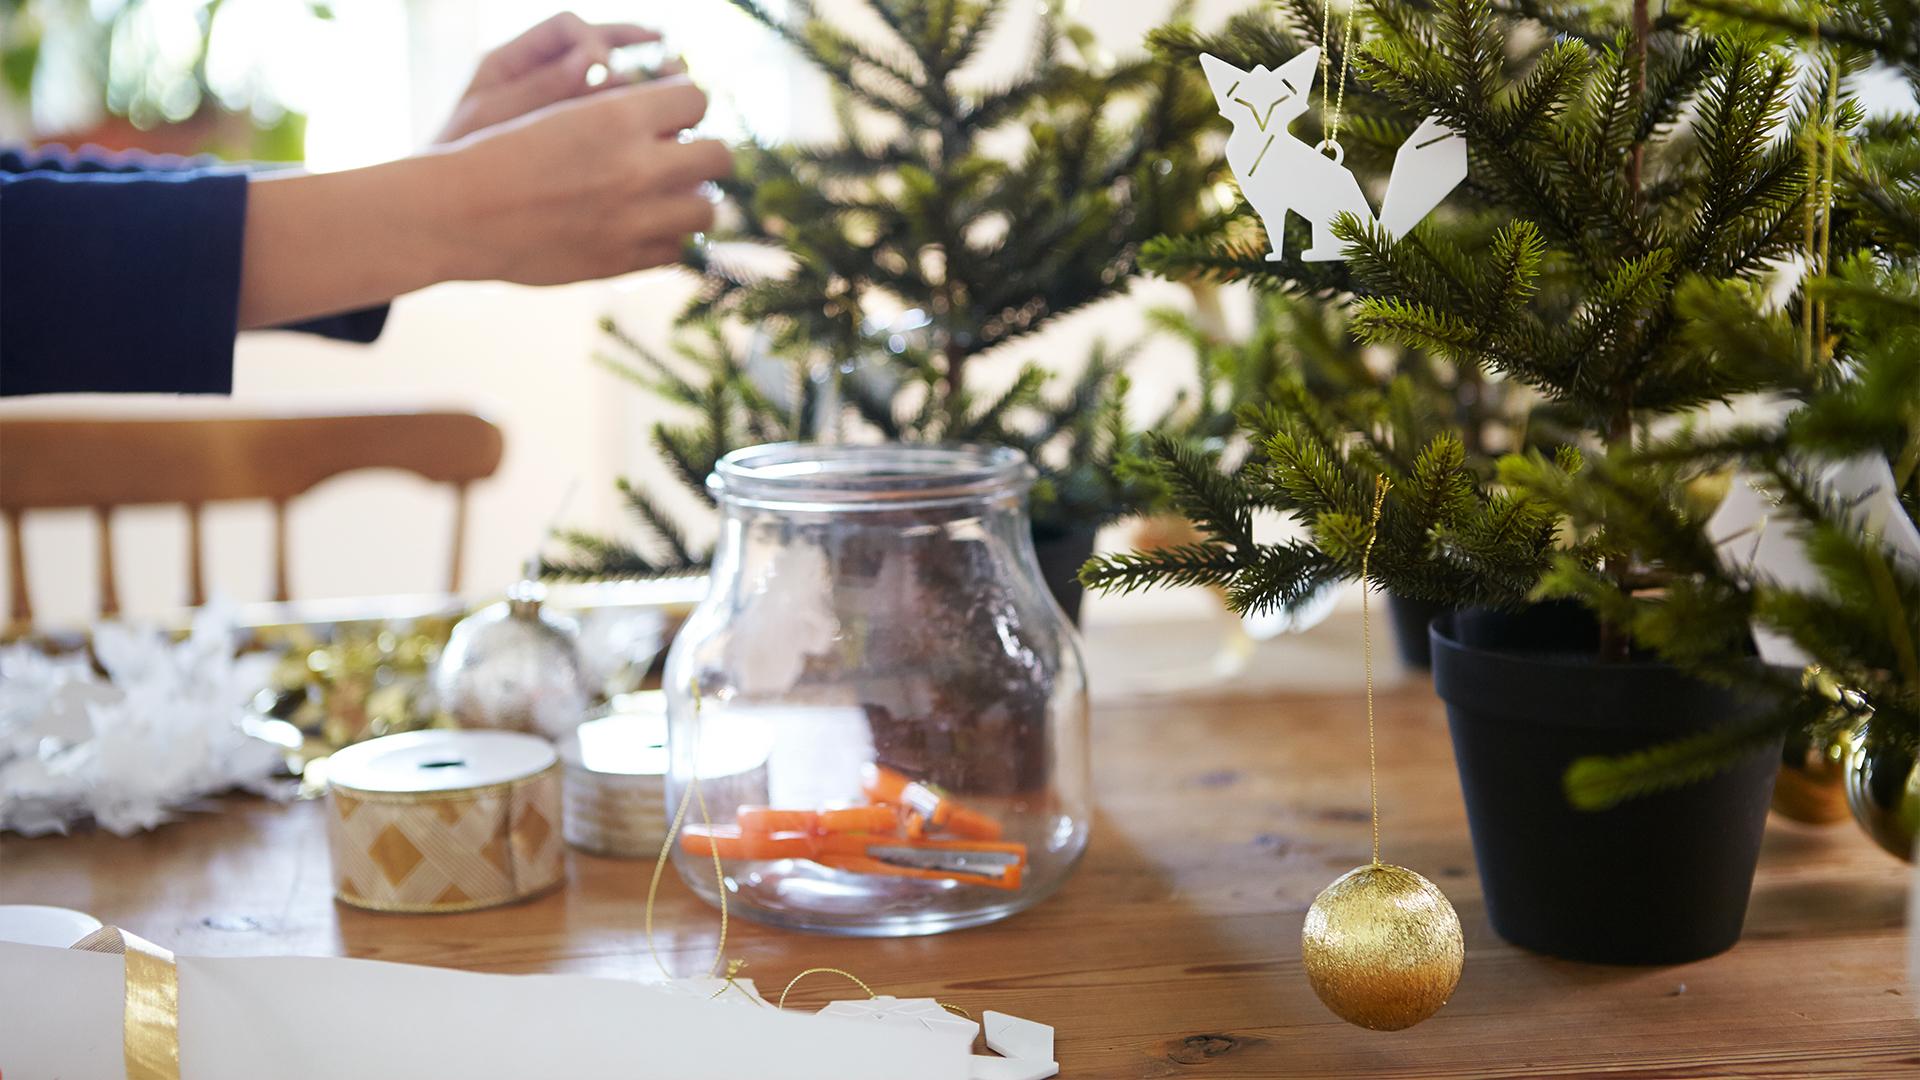 Ikea Delft gratis kersttafelstuk maken 7 december